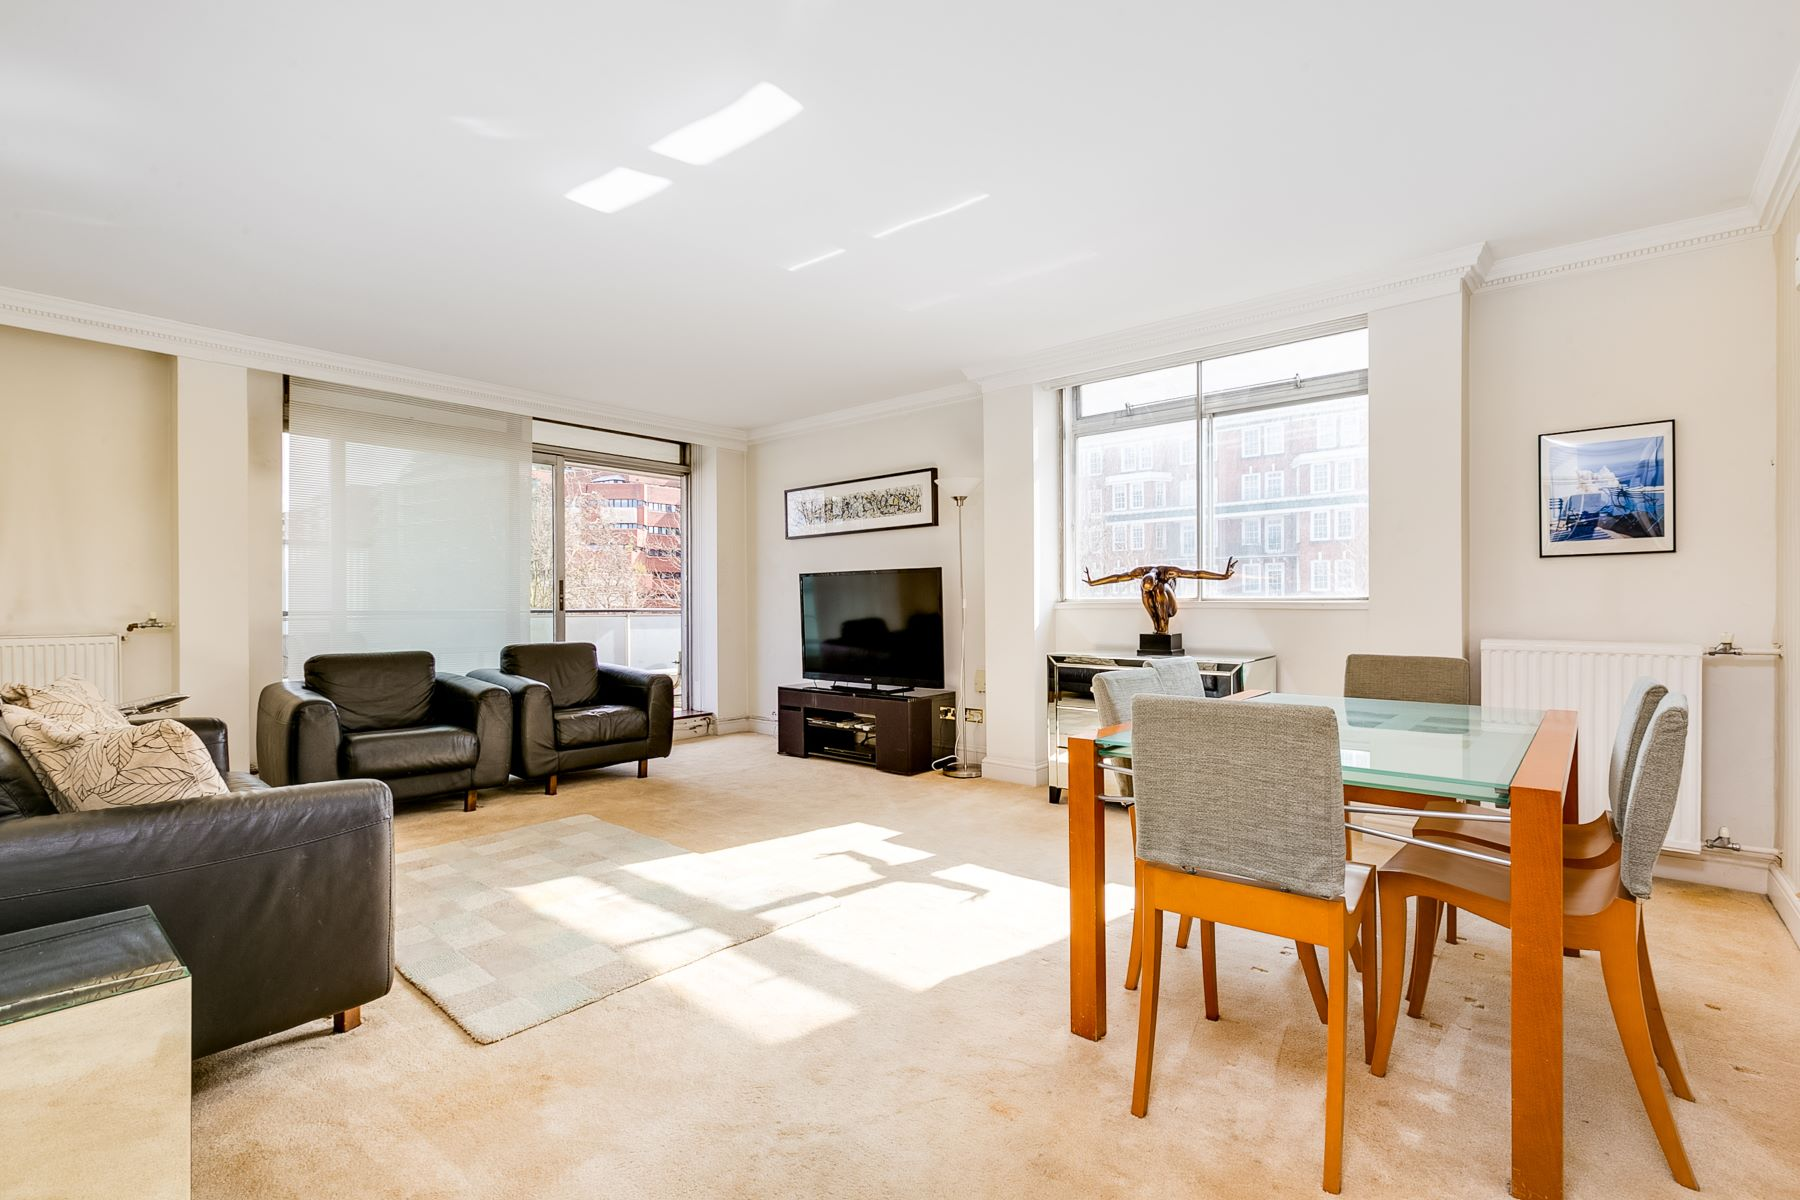 公寓 為 出售 在 Century Court, St John's Wood London, 英格蘭, 英國